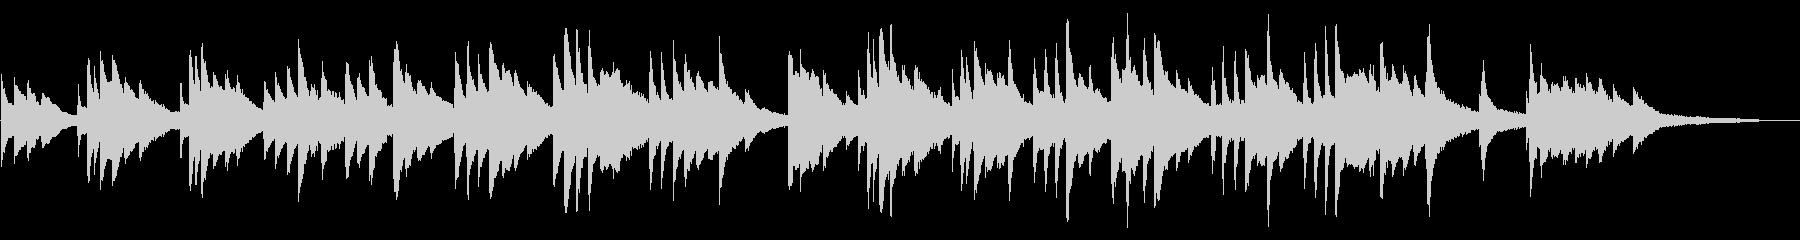 物語に優しく寄り添うようなピアノBGMの未再生の波形